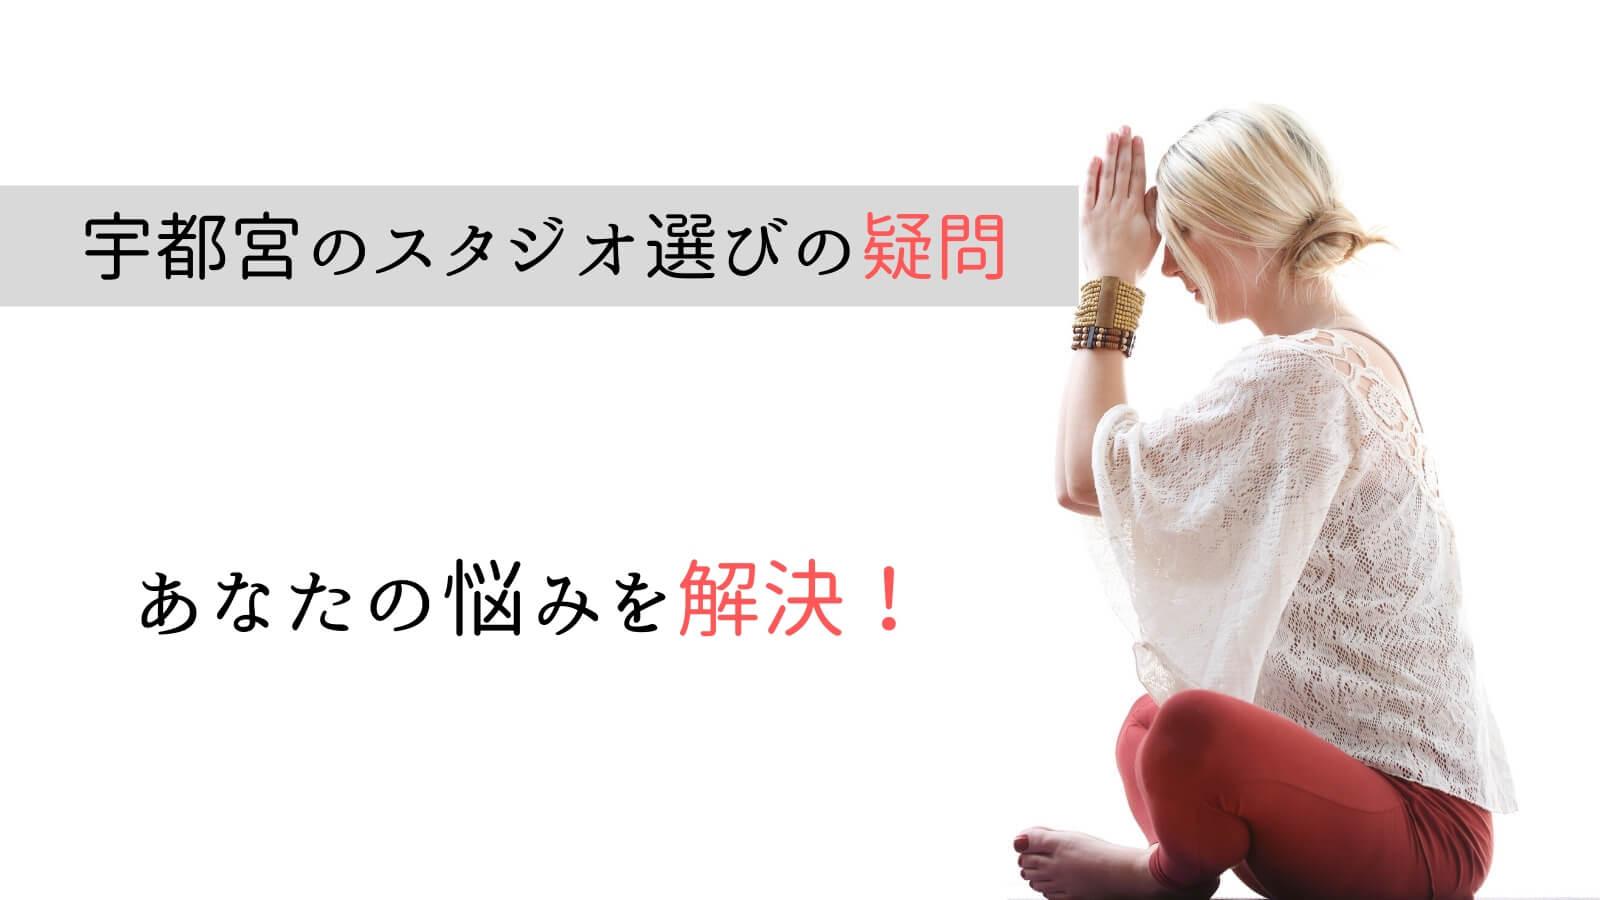 宇都宮でのヨガ・ピラティススタジオ選びに関するQ&A